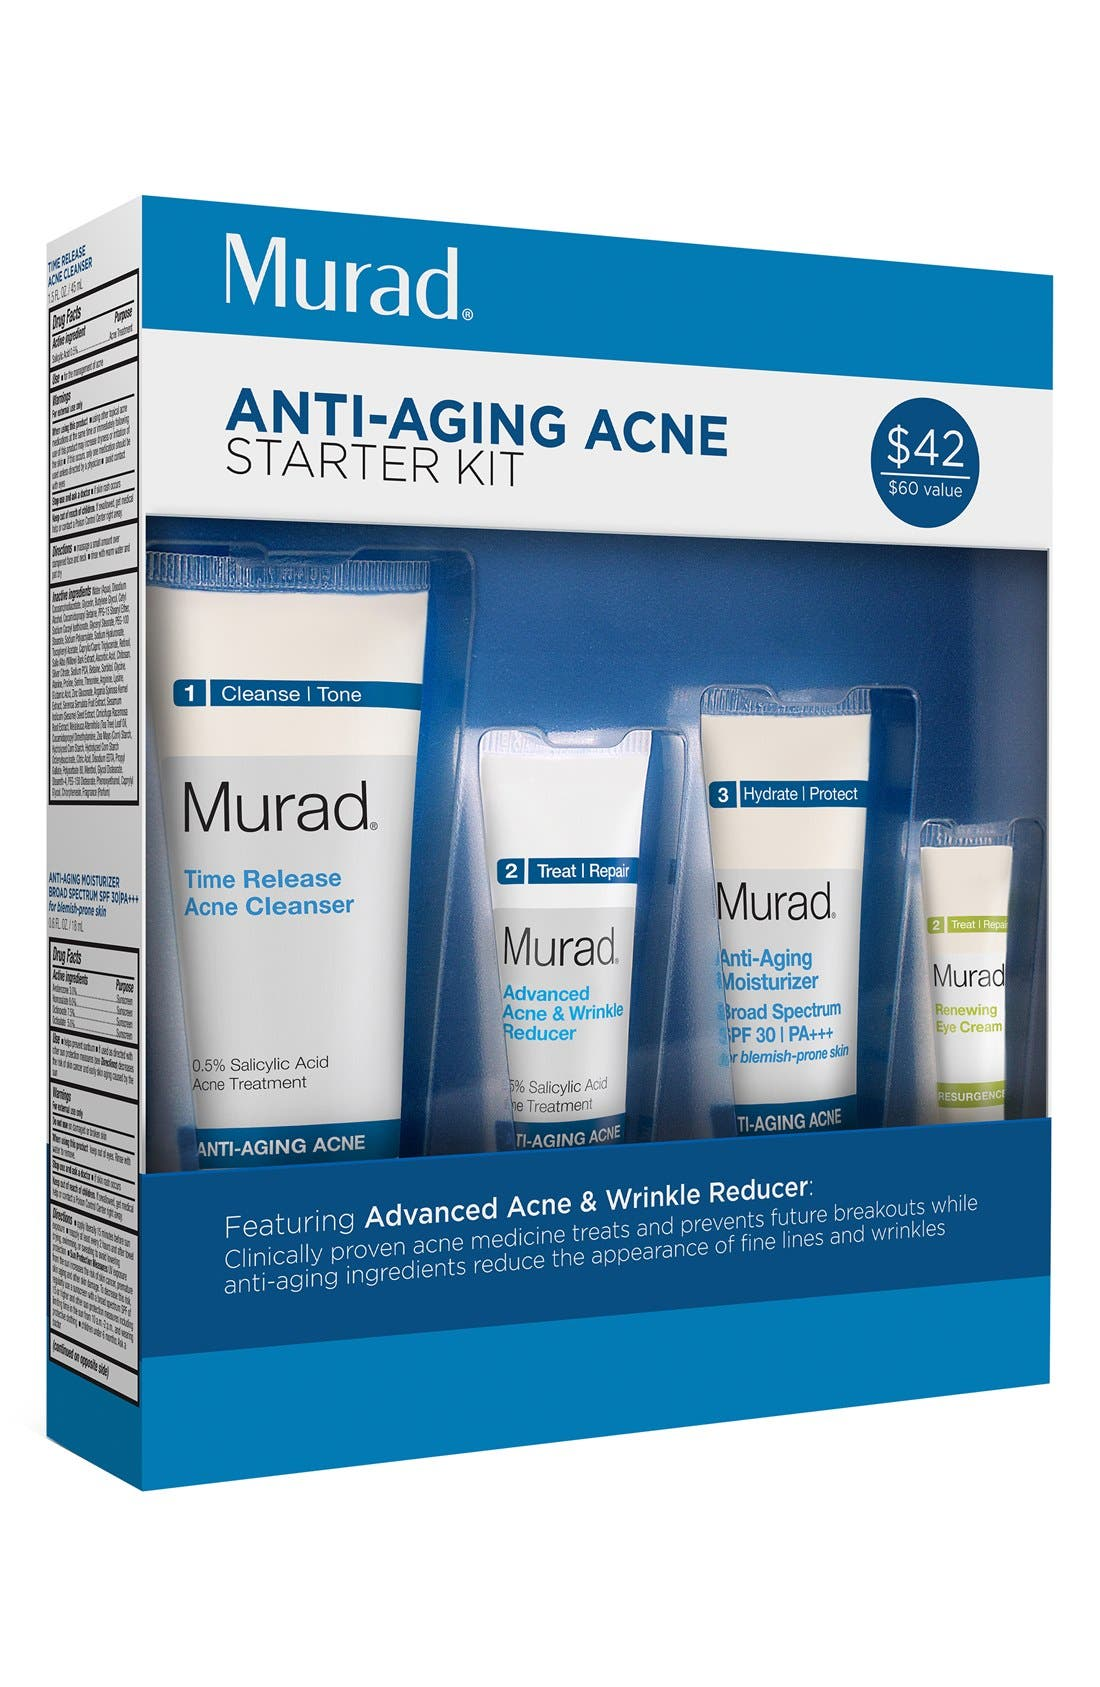 Murad® 'Anti-Aging Acne' Starter Kit